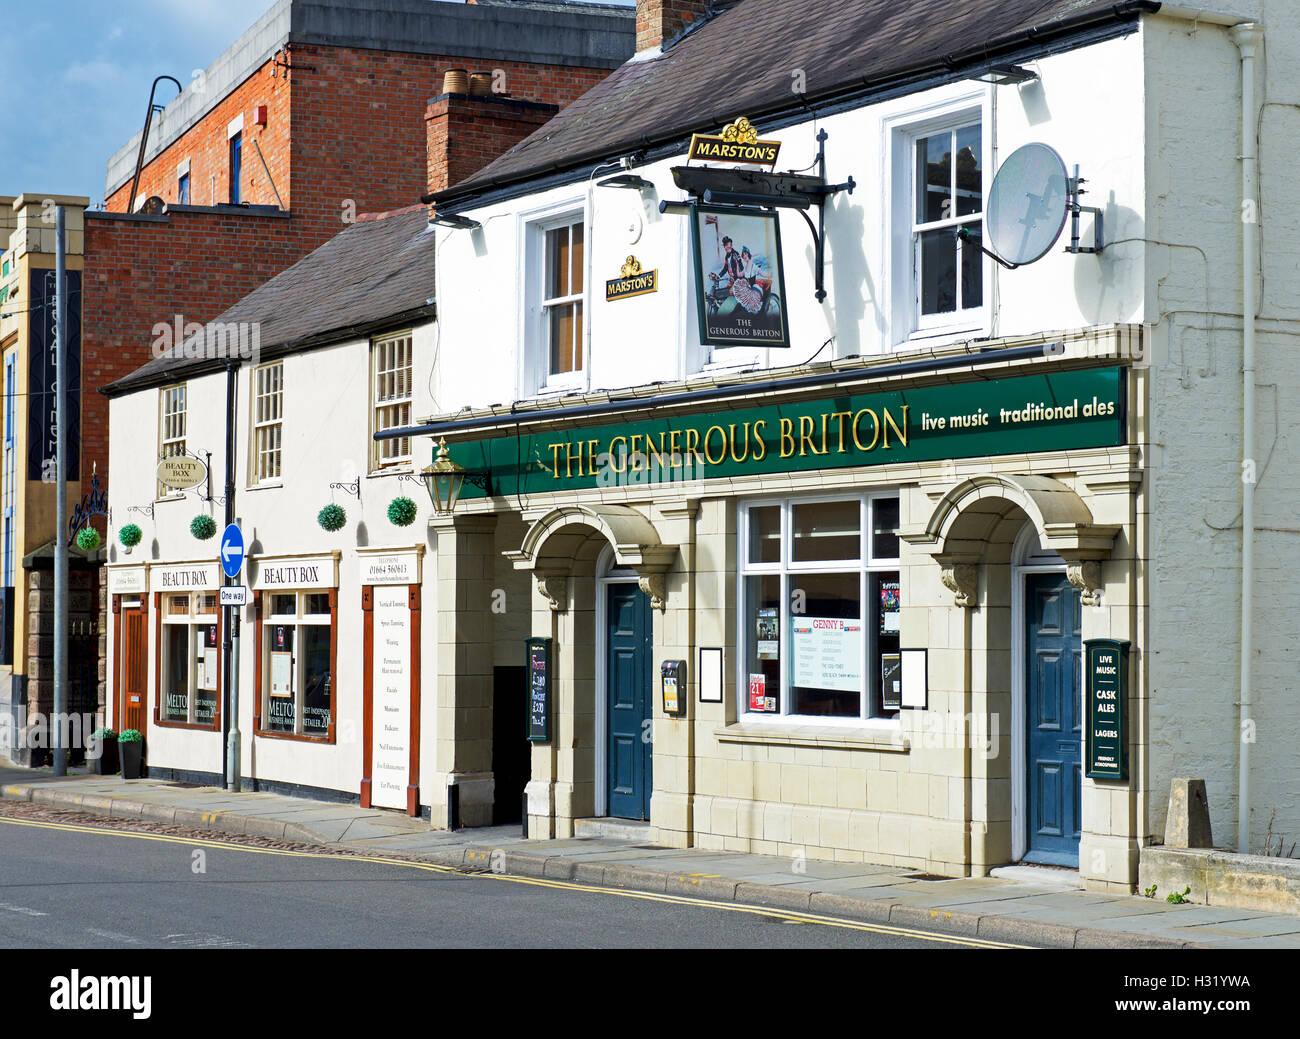 Le généreux Briton pub, Melton Mowbray, Leicestershire, Angleterre, Royaume-Uni Photo Stock